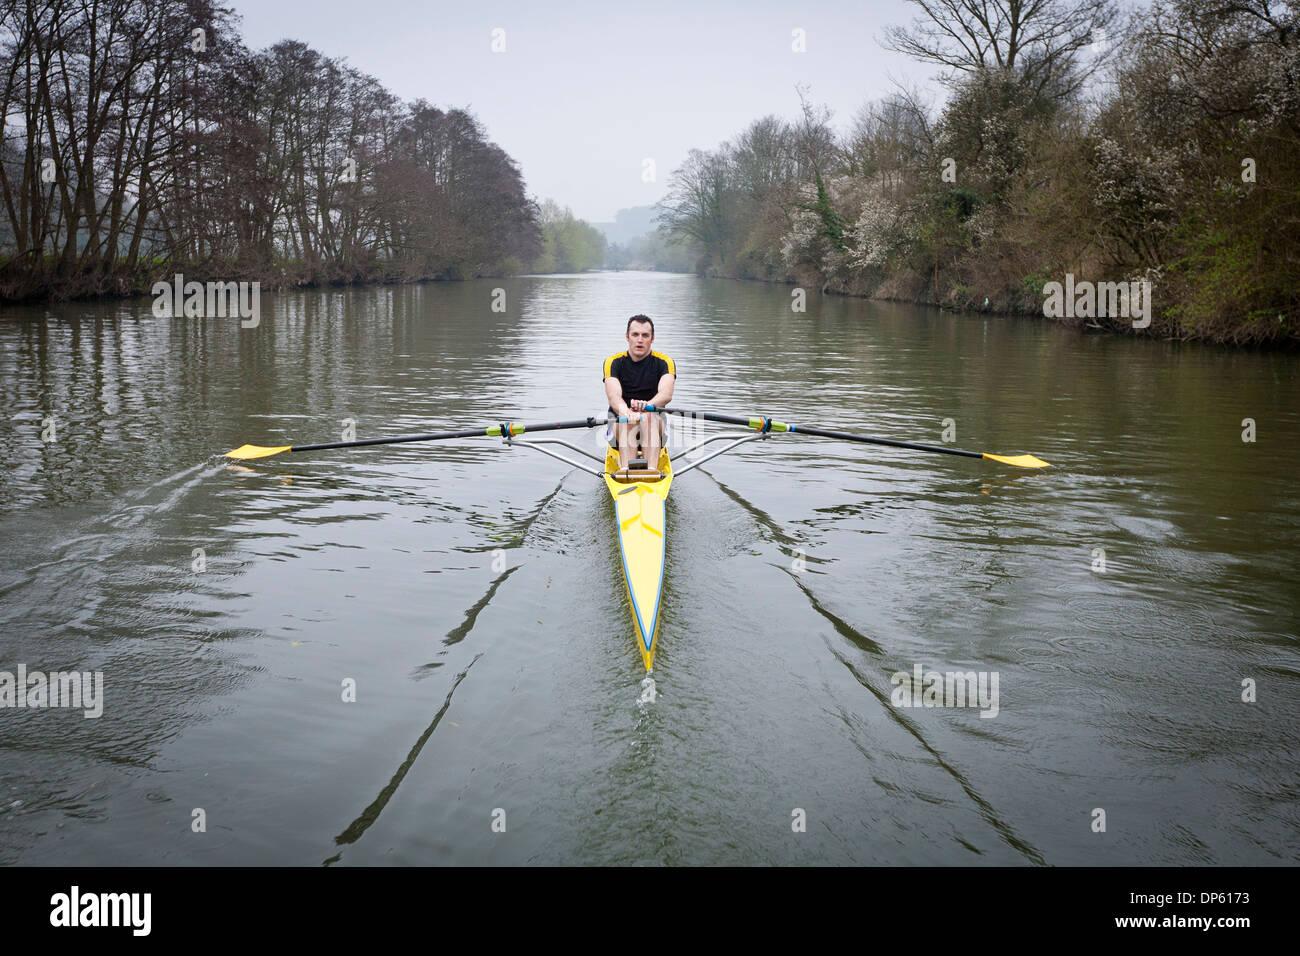 Un hombre en un único cráneo bote a remo sobre el río Avon, en Bath, Reino Unido. Imagen De Stock